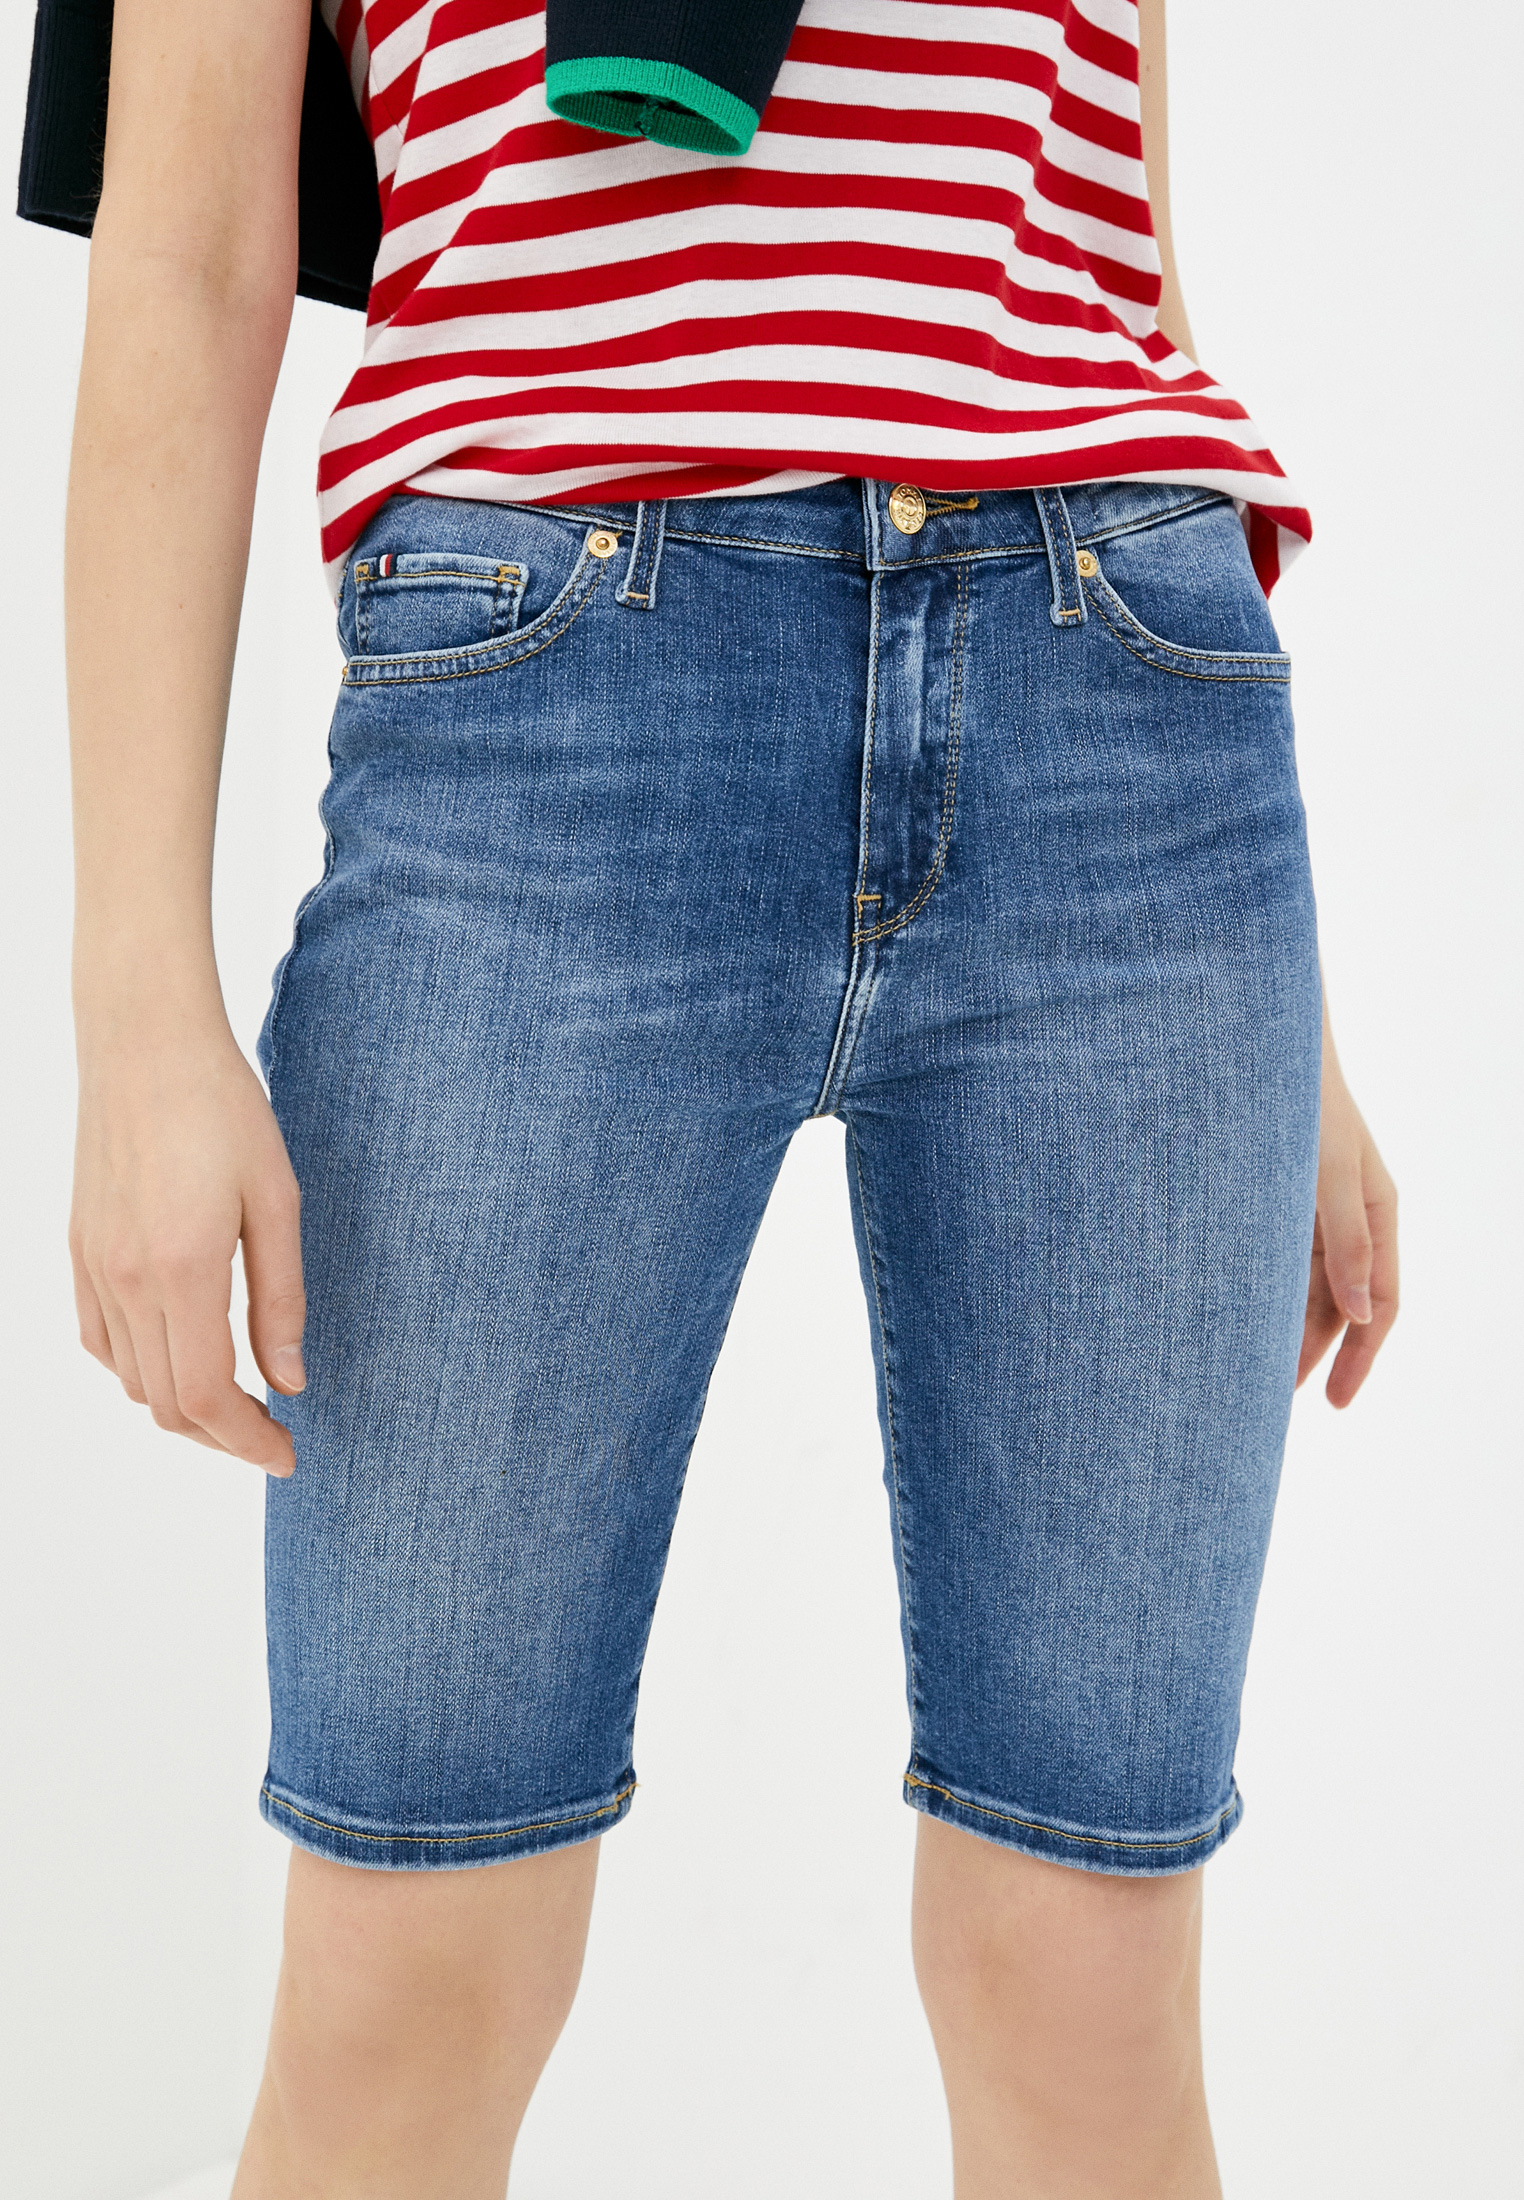 Женские джинсовые шорты Tommy Hilfiger (Томми Хилфигер) Шорты джинсовые Tommy Hilfiger